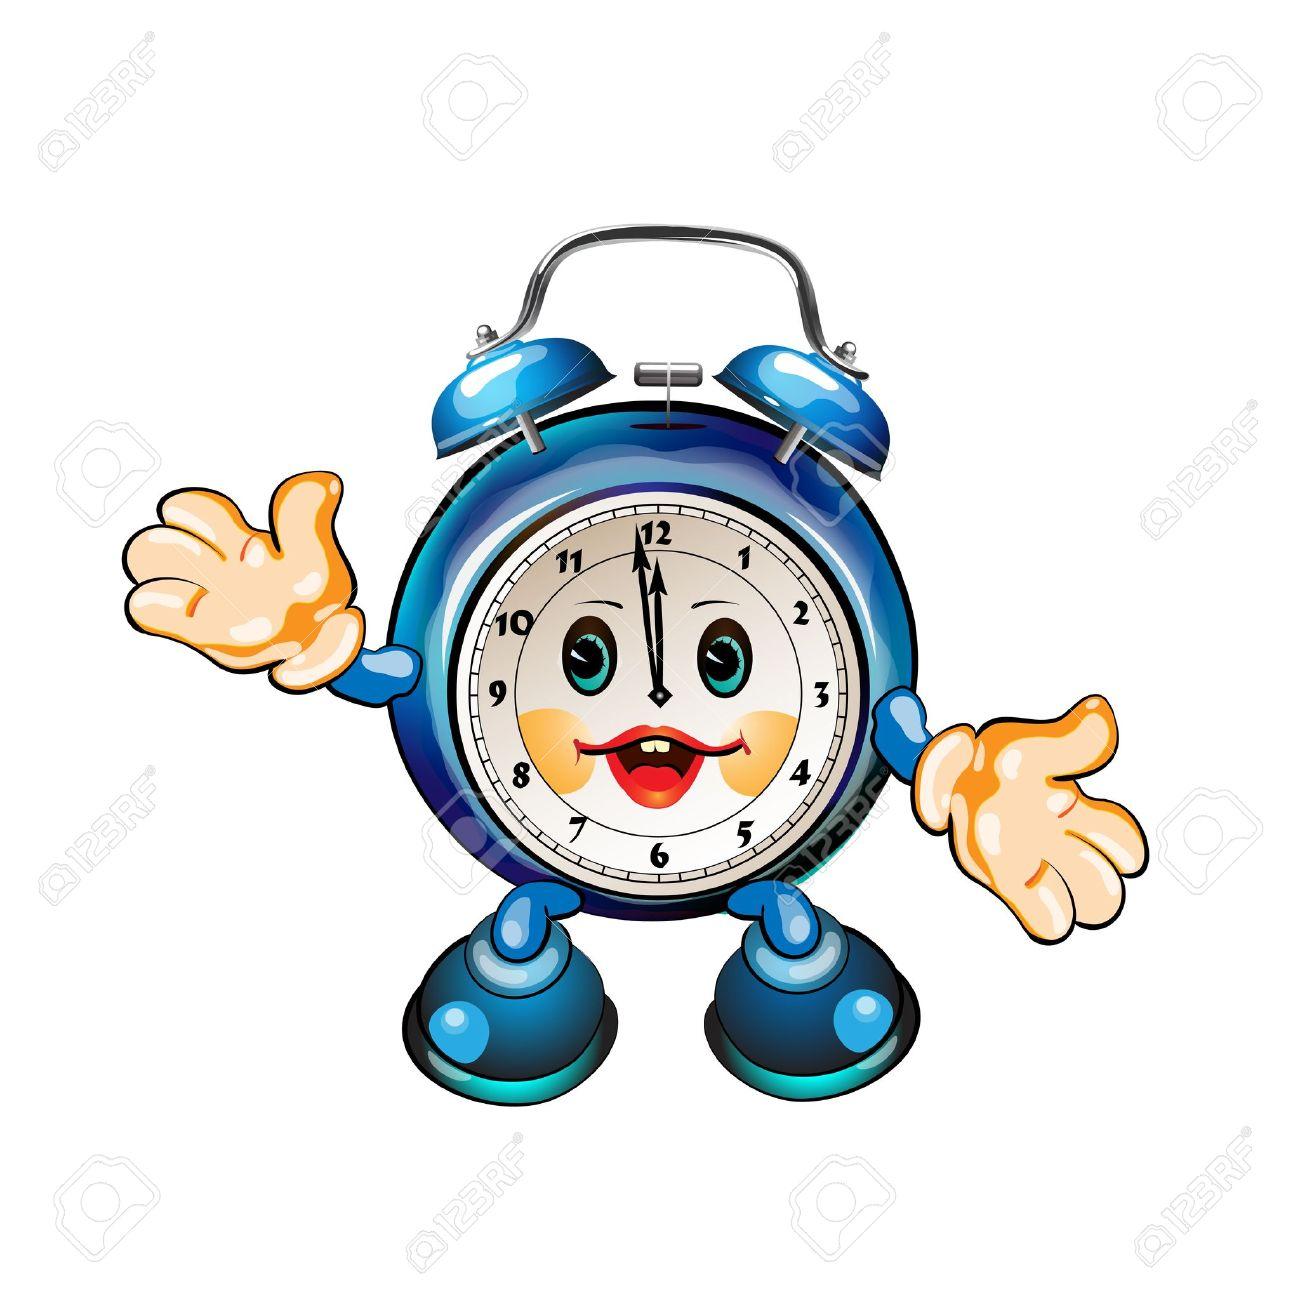 cute cartoon clock Stock Vector - 8803833